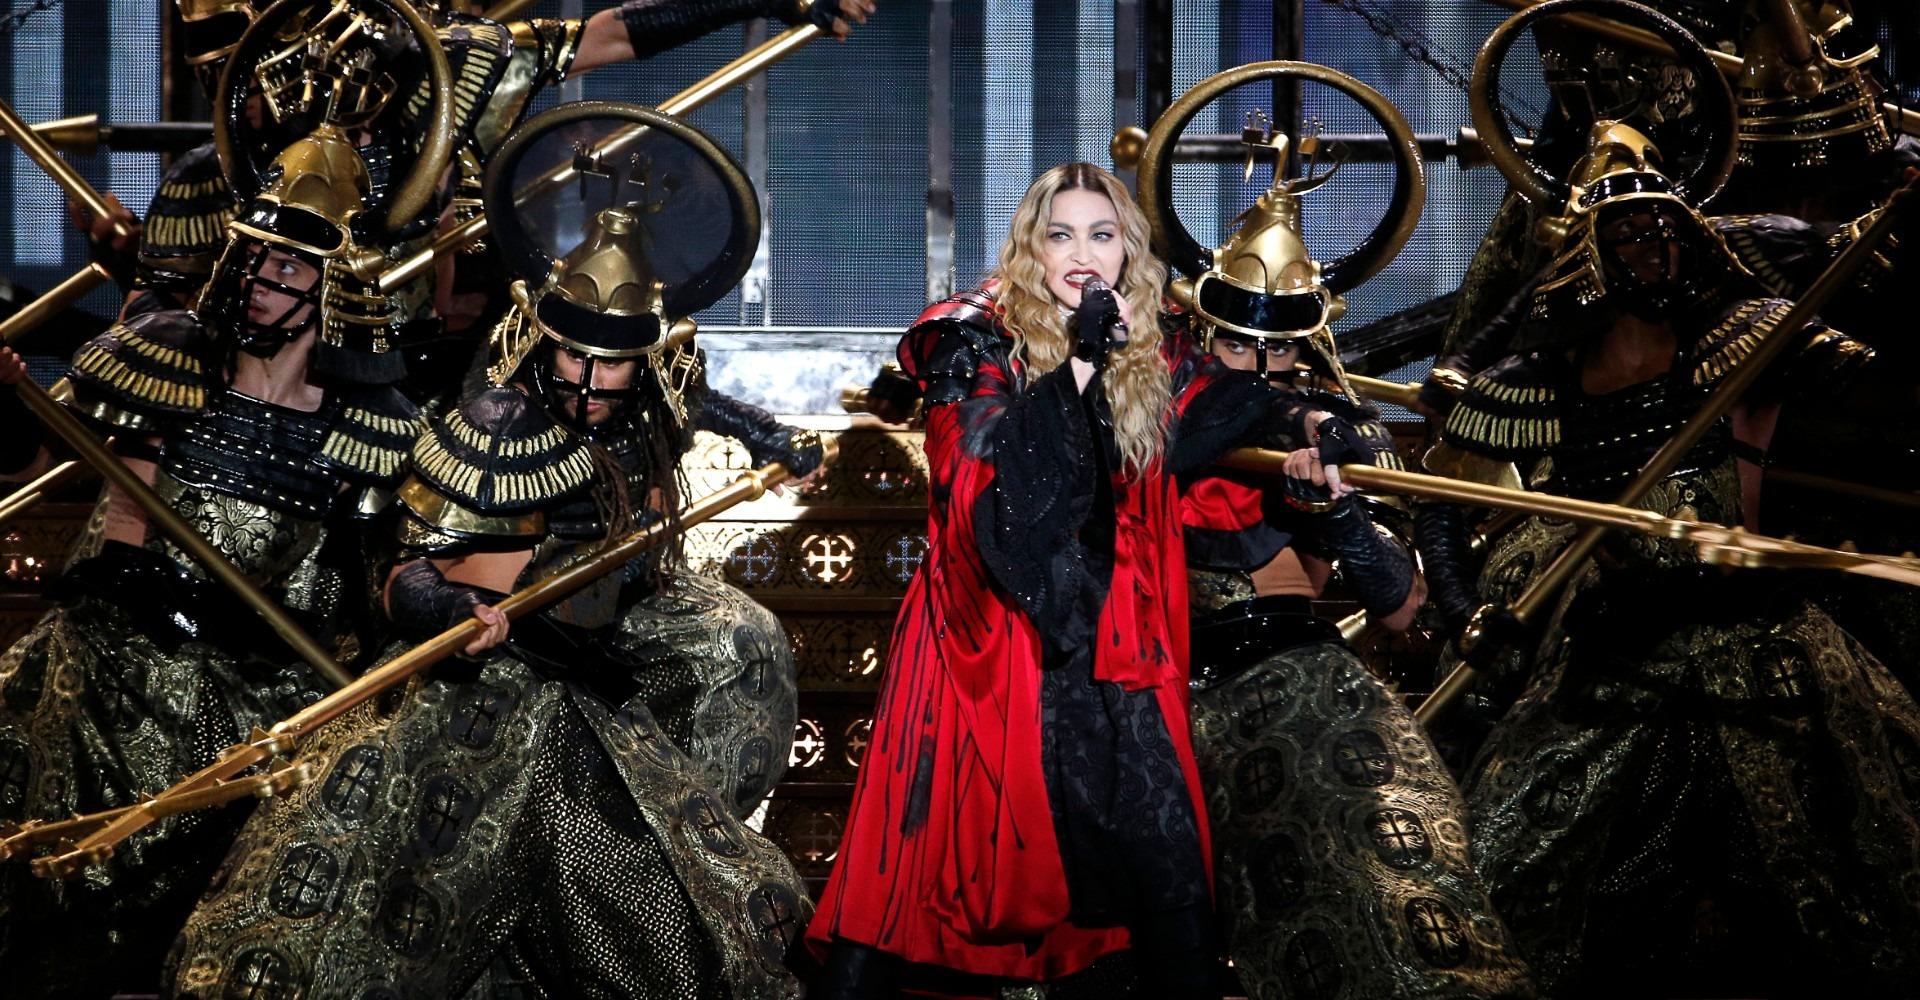 Madonna à Paris : malgré une (très longue) attente, un concert immanquable